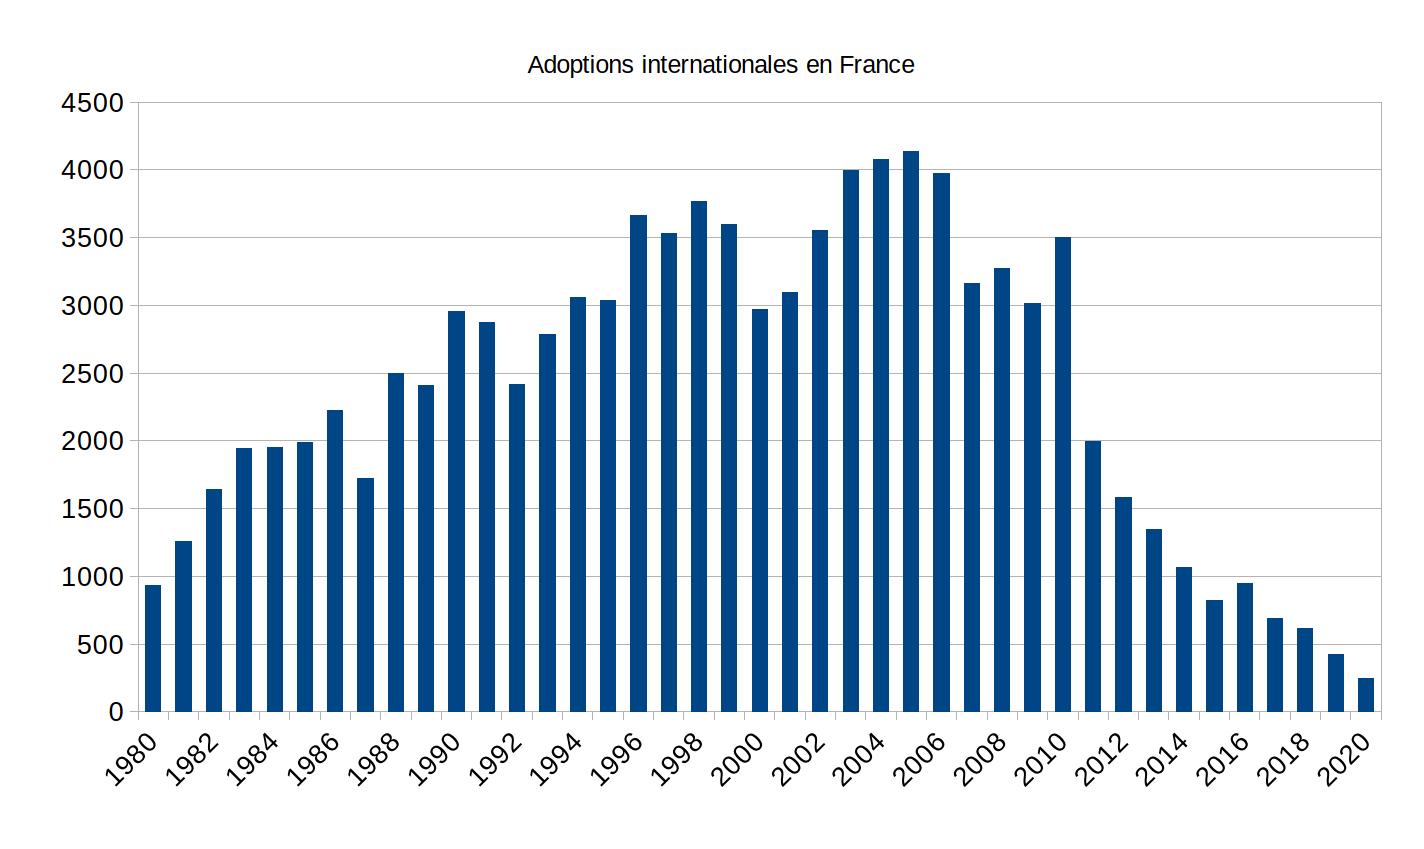 Statistiques de l'adoption internationale